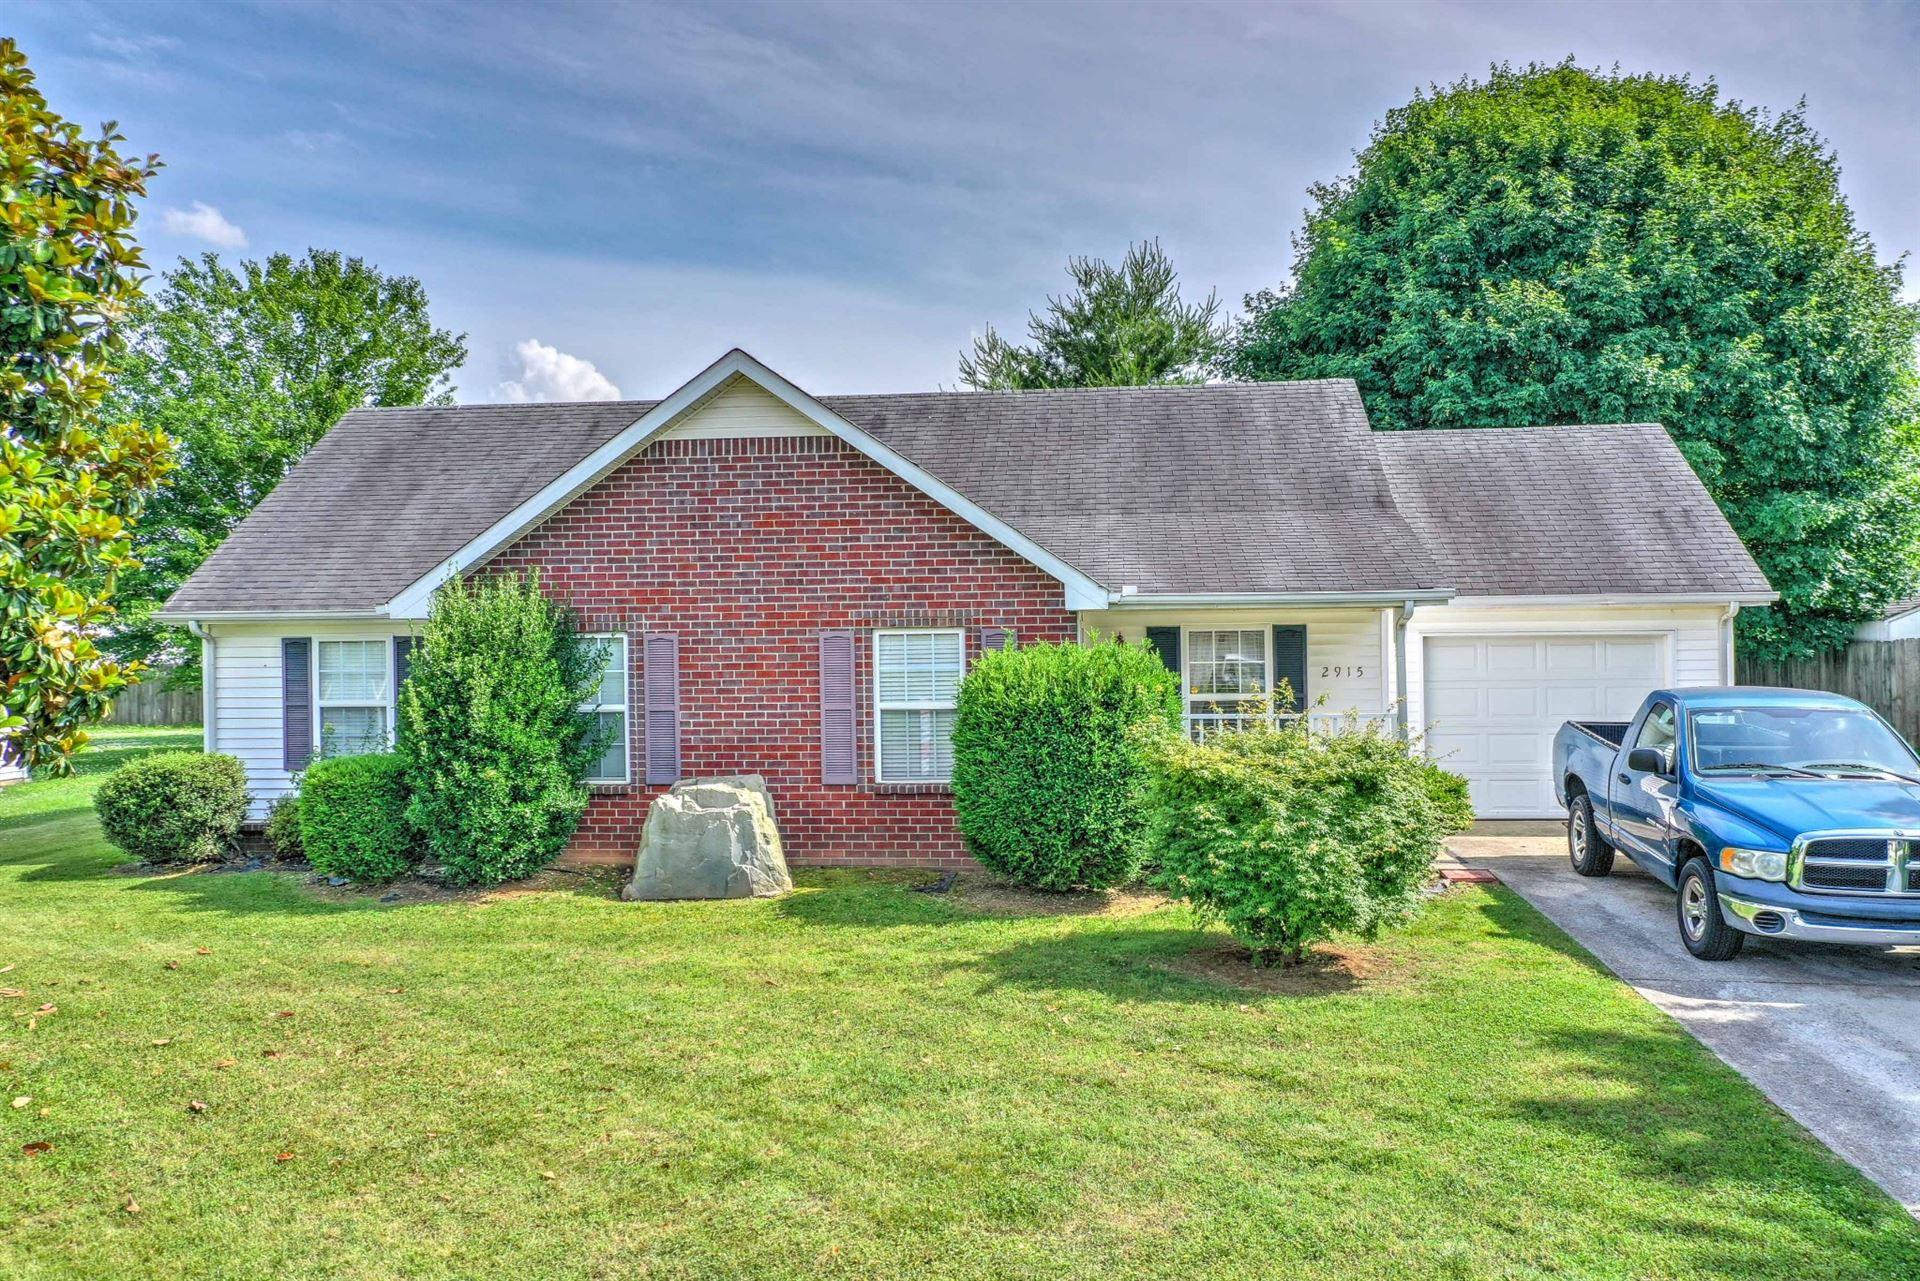 2915 Weybridge Dr, Murfreesboro, TN 37128 - MLS#: 2260280